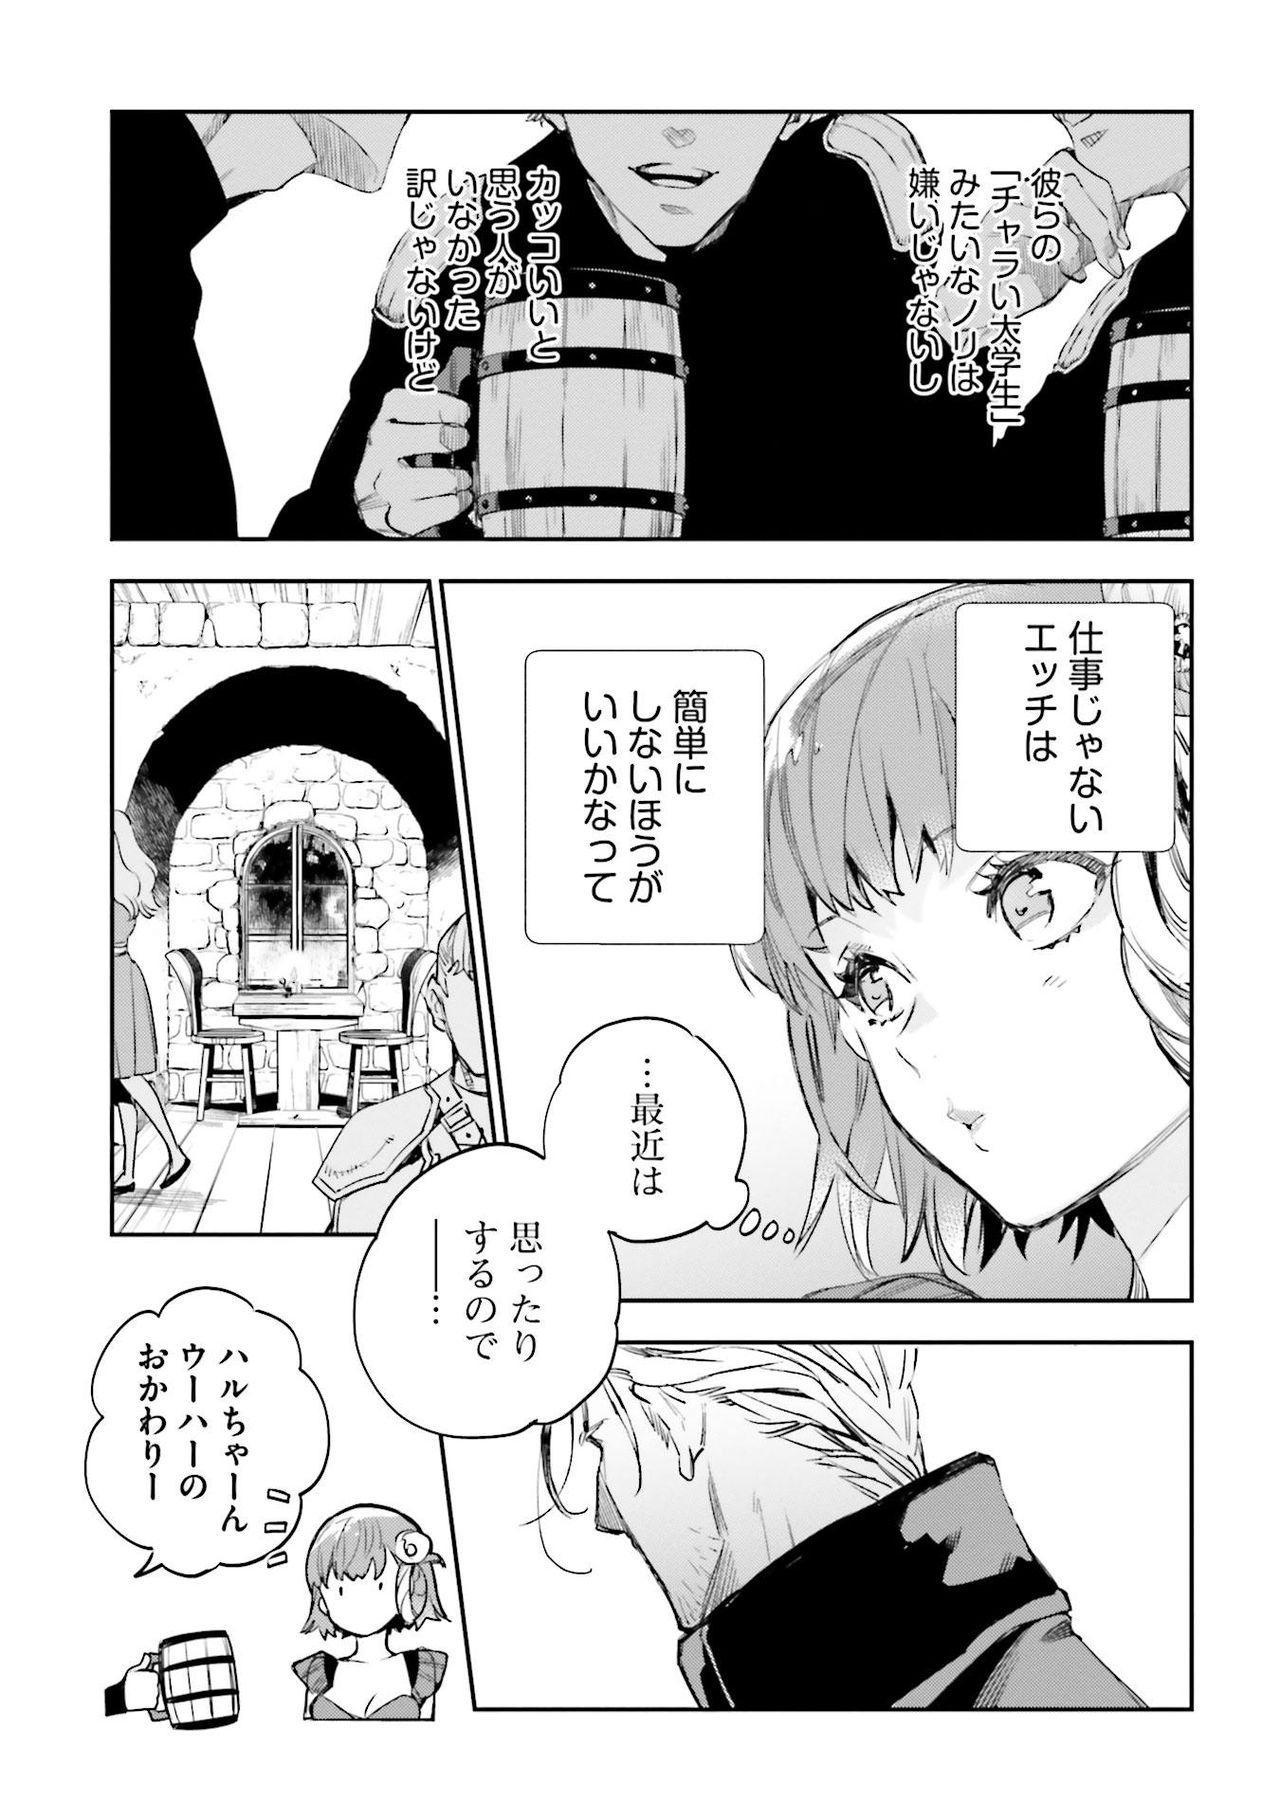 JK Haru wa Isekai de Shoufu ni Natta 1-14 476